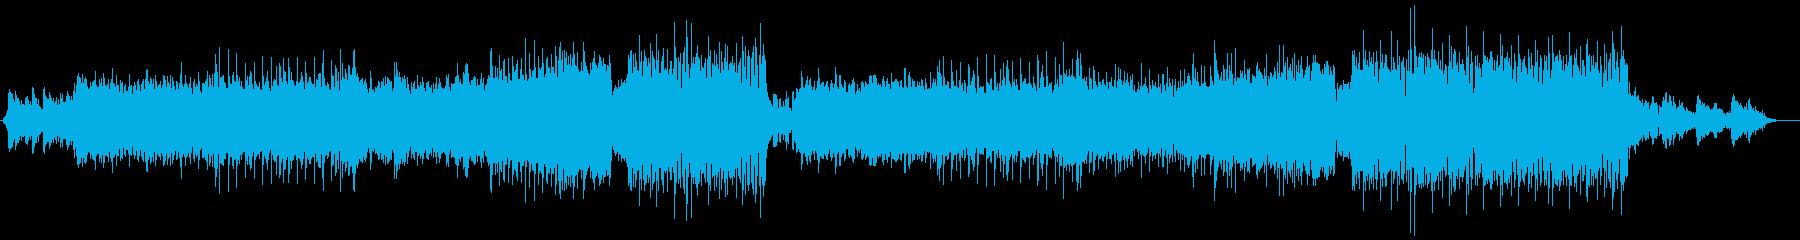 ポップス寄りのキレイめダンス曲の再生済みの波形